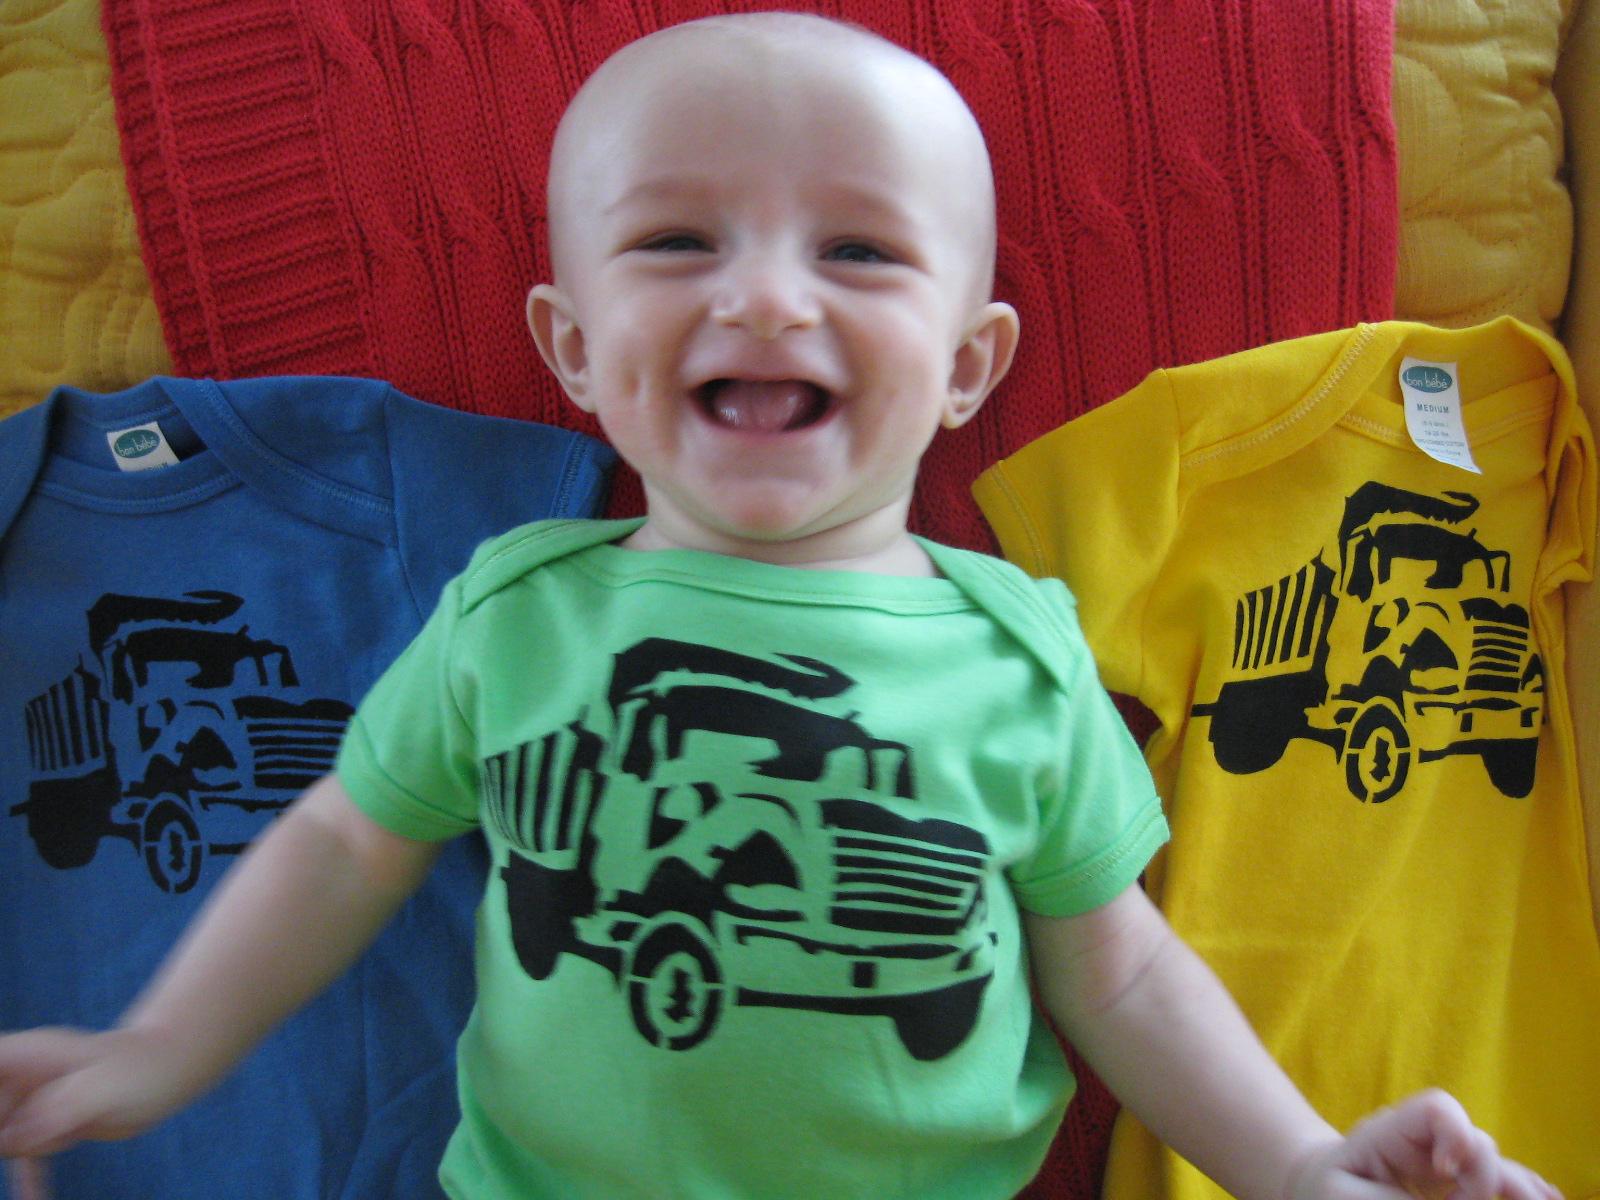 Mr. Truck